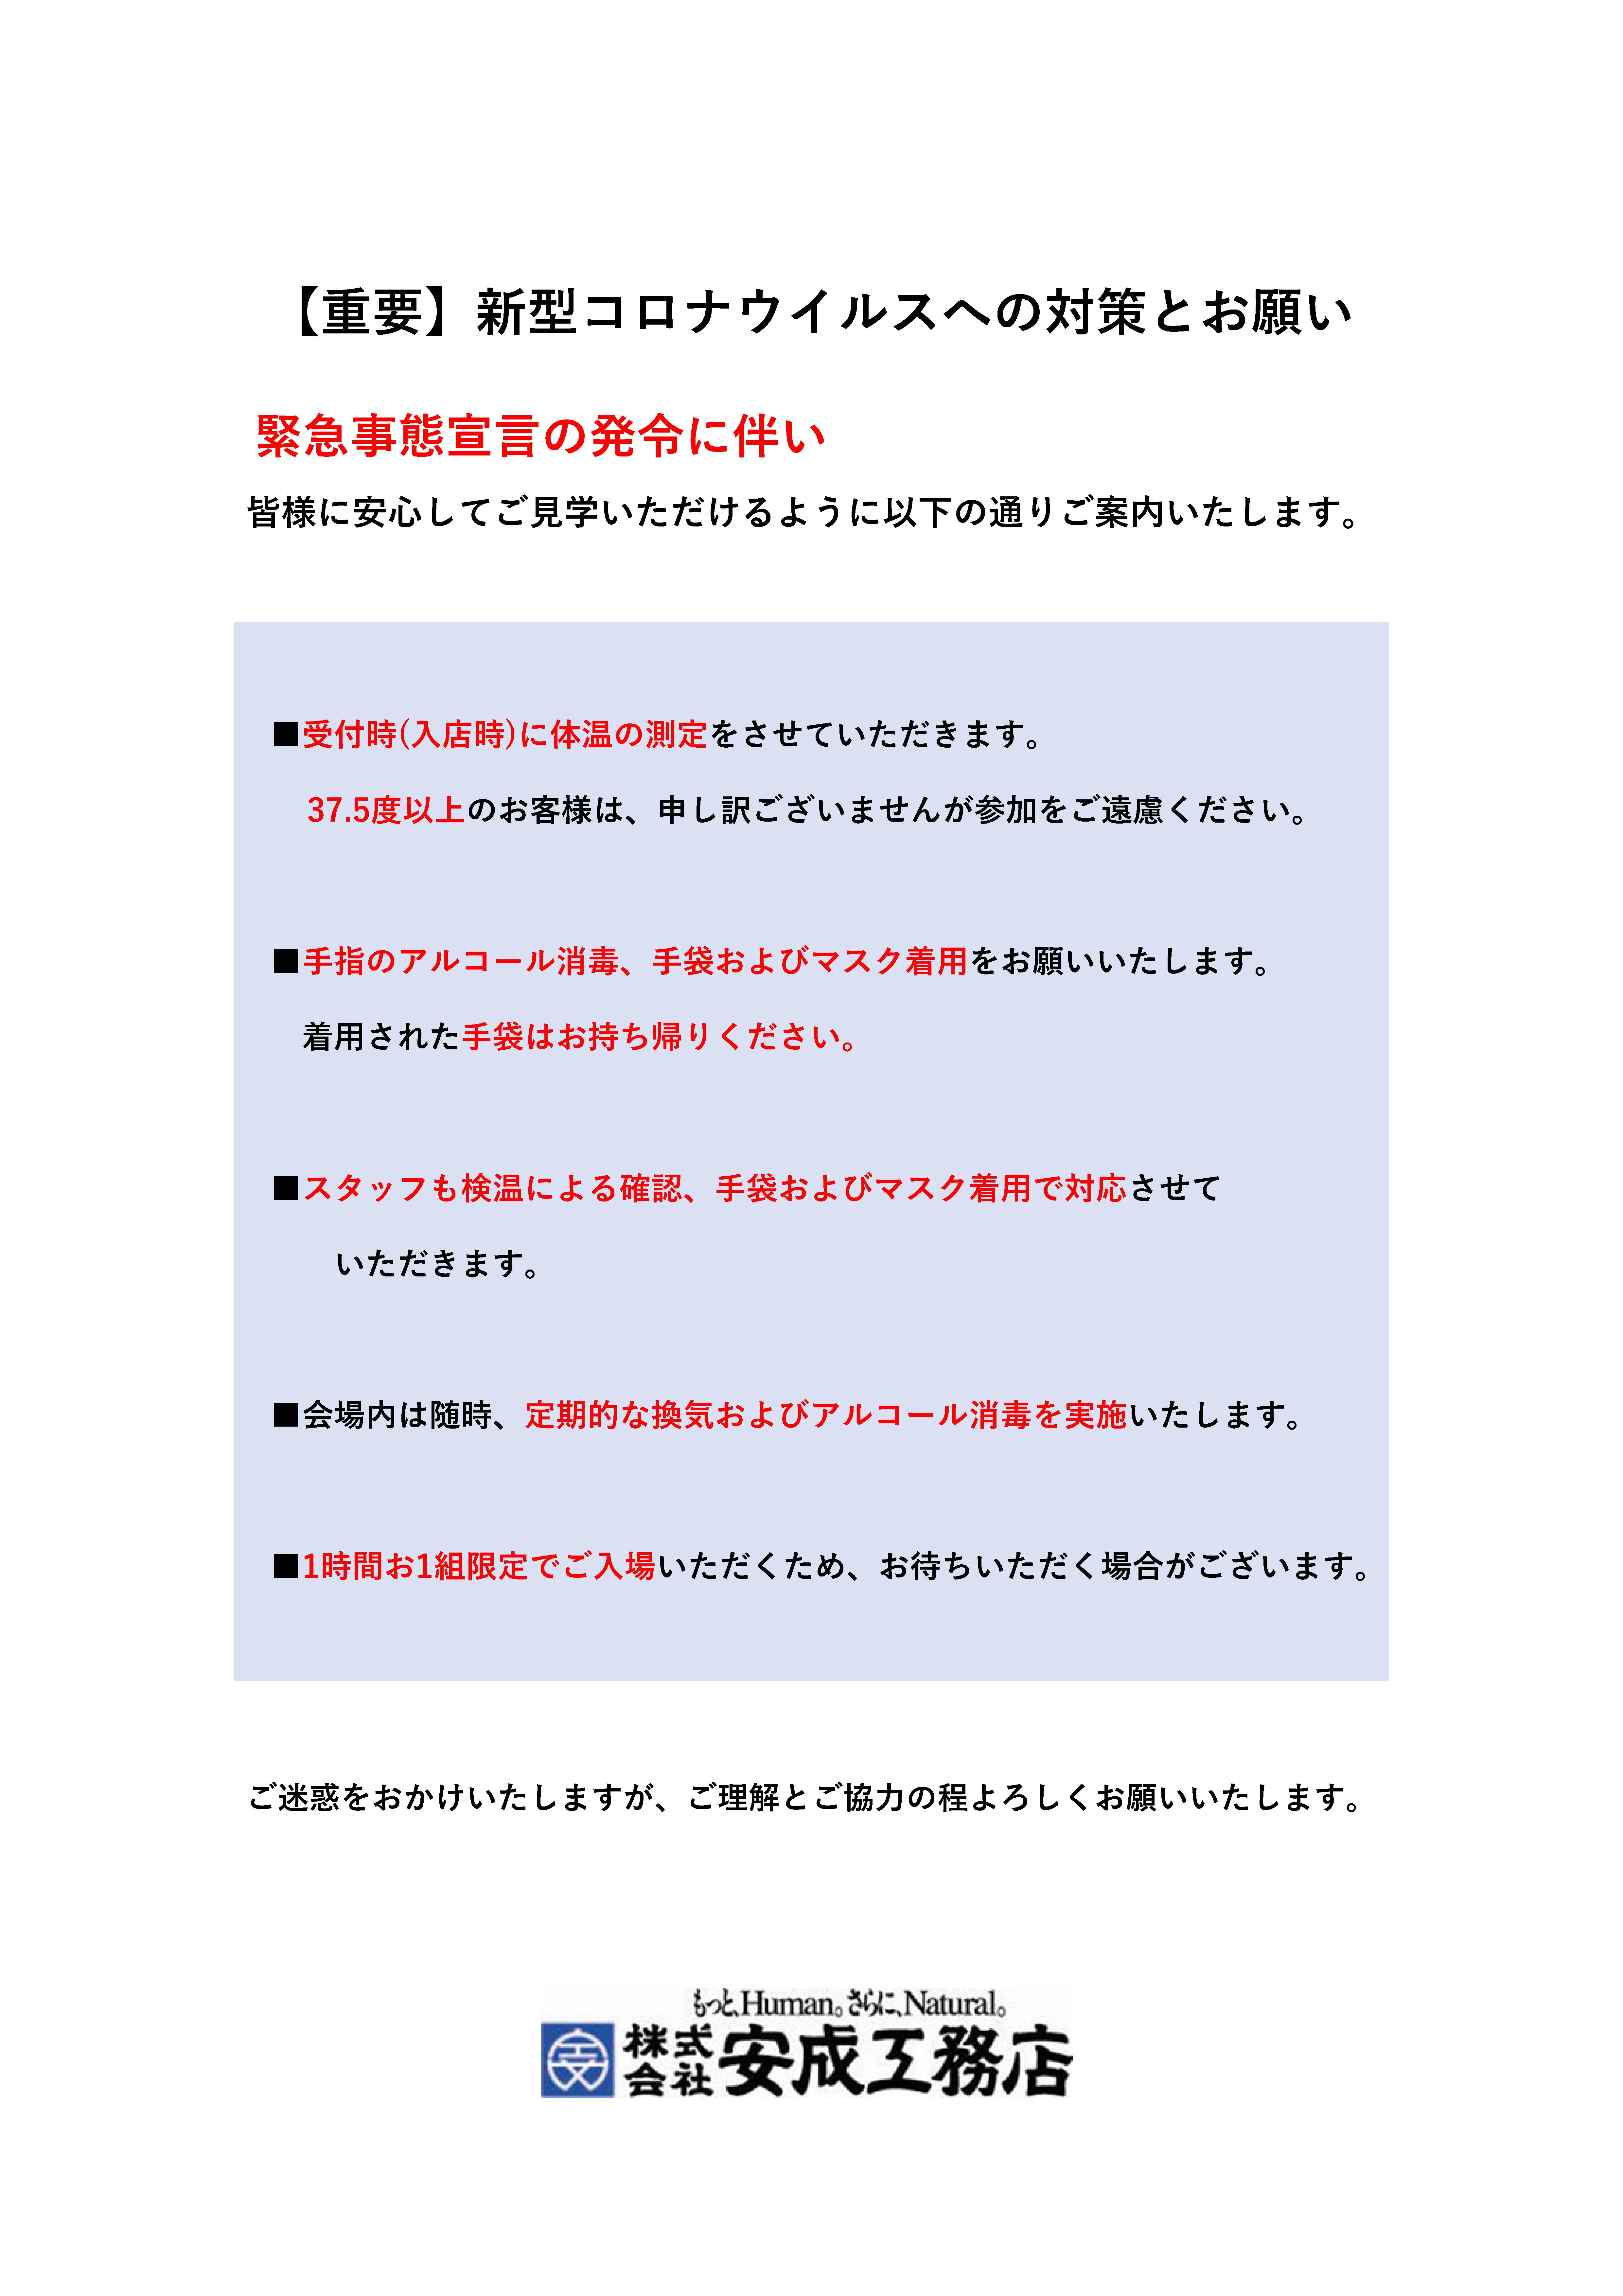 画像:緊急事態宣言に伴う弊社対応について